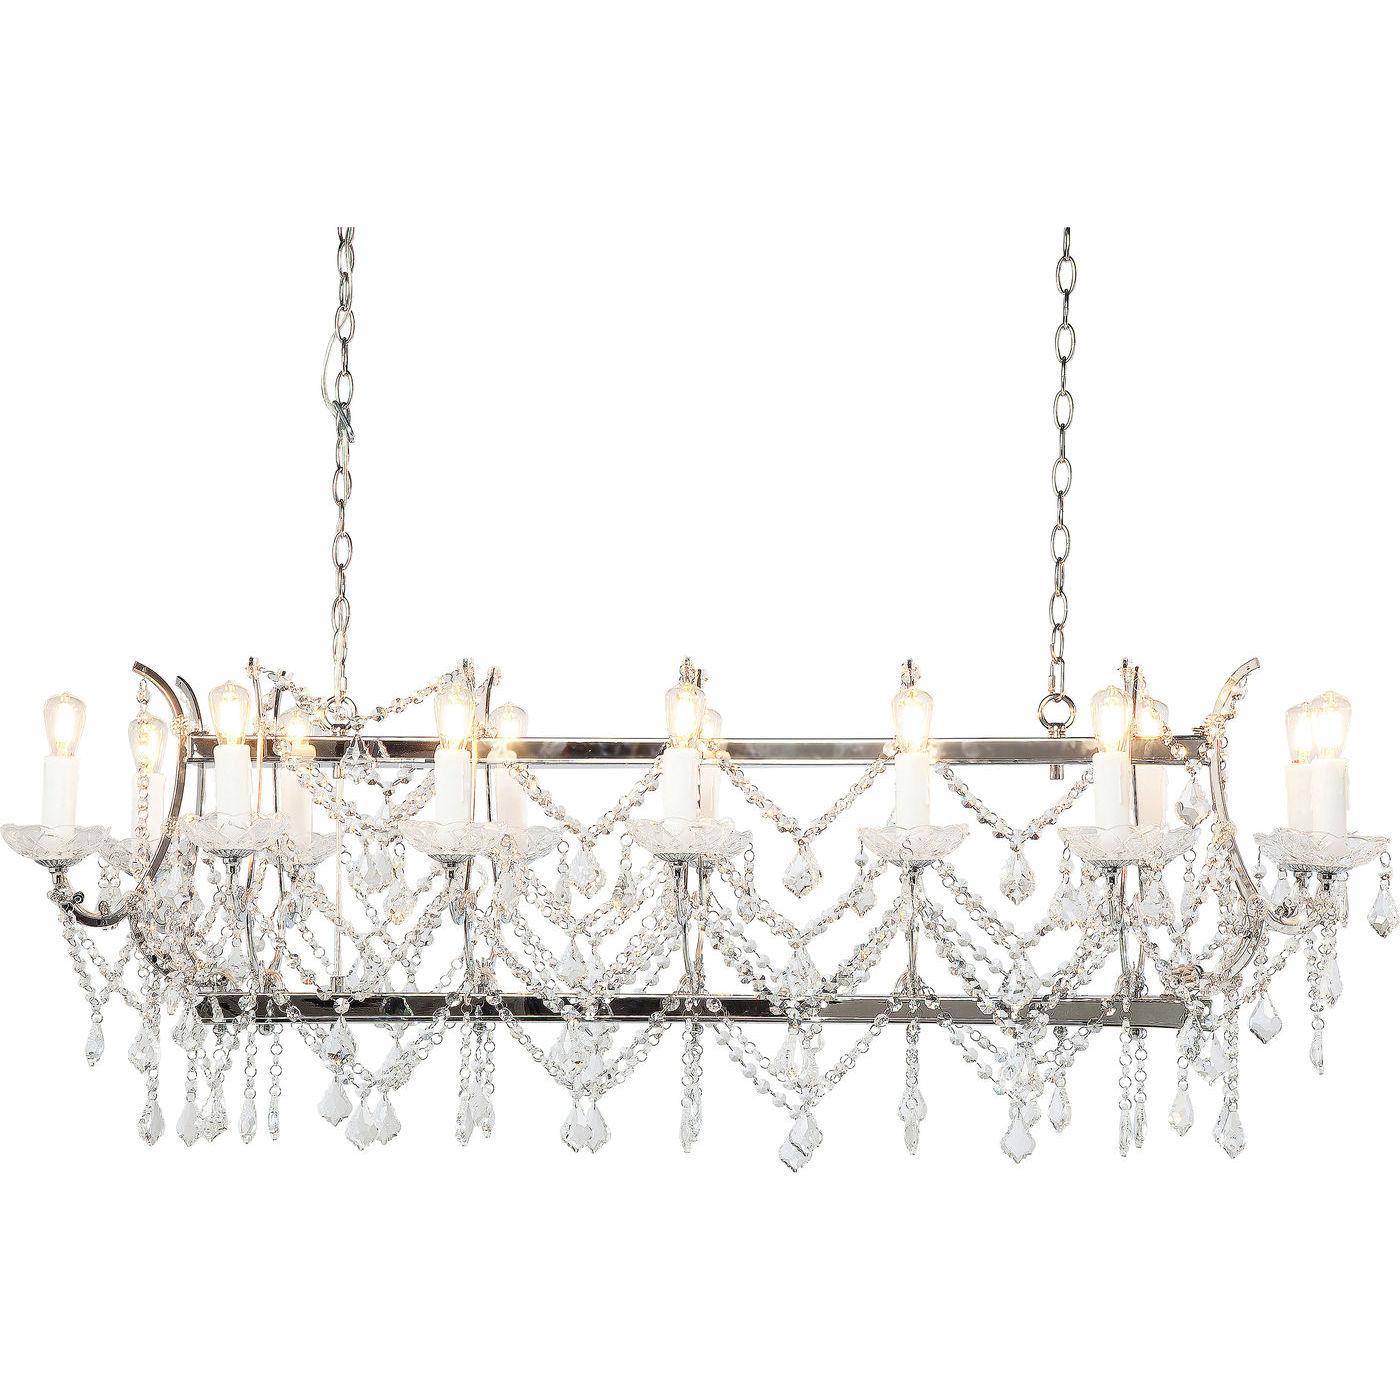 Billede af Kare Design Loftslampe, Chateau Crystal